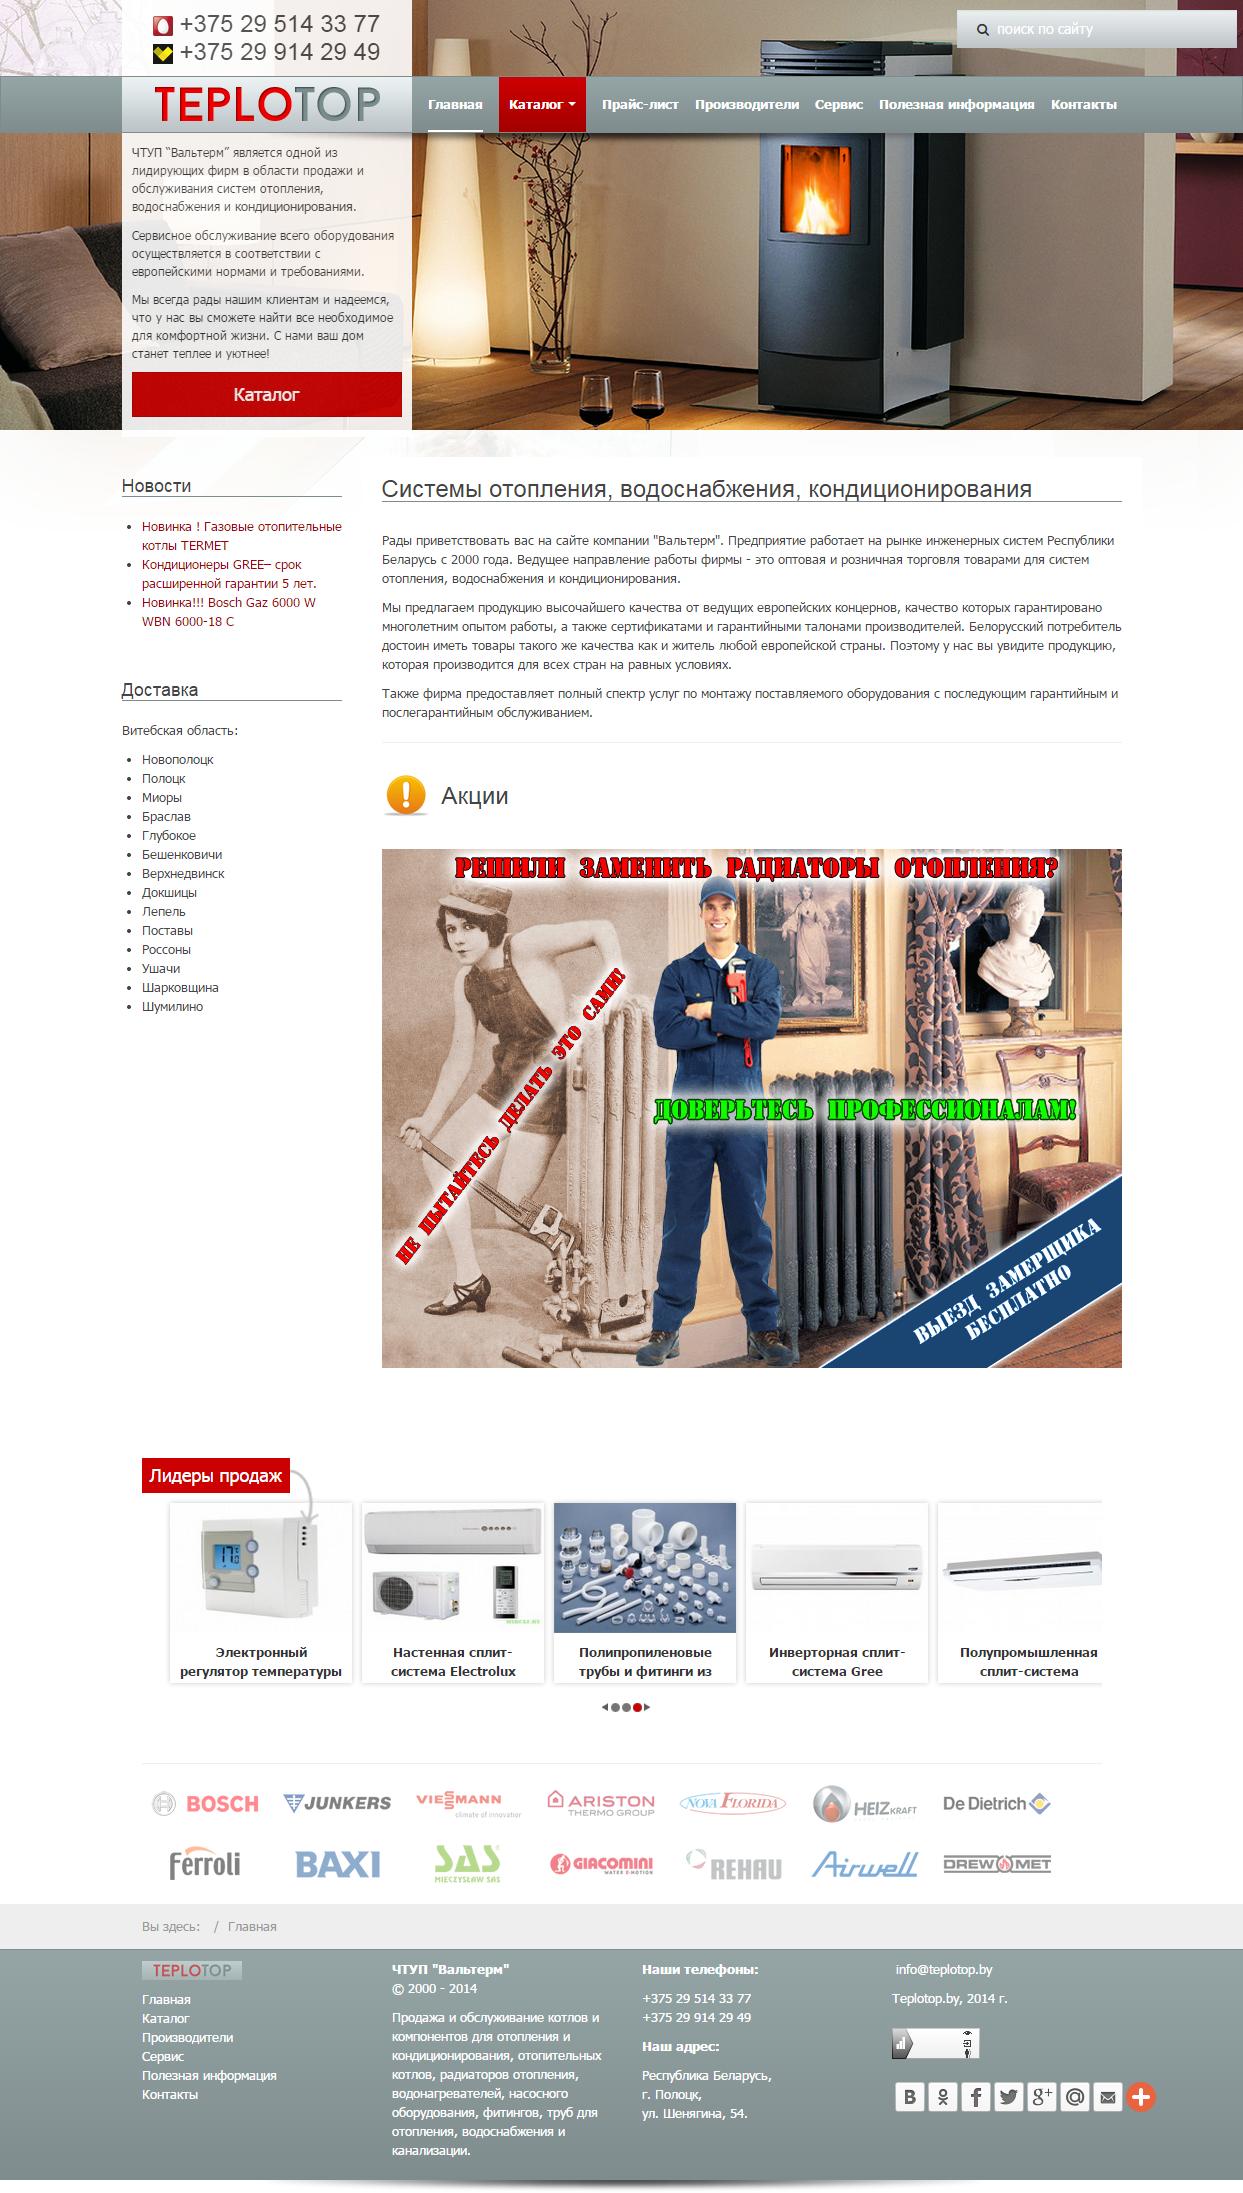 Как открыть интернет магазин в беларуси